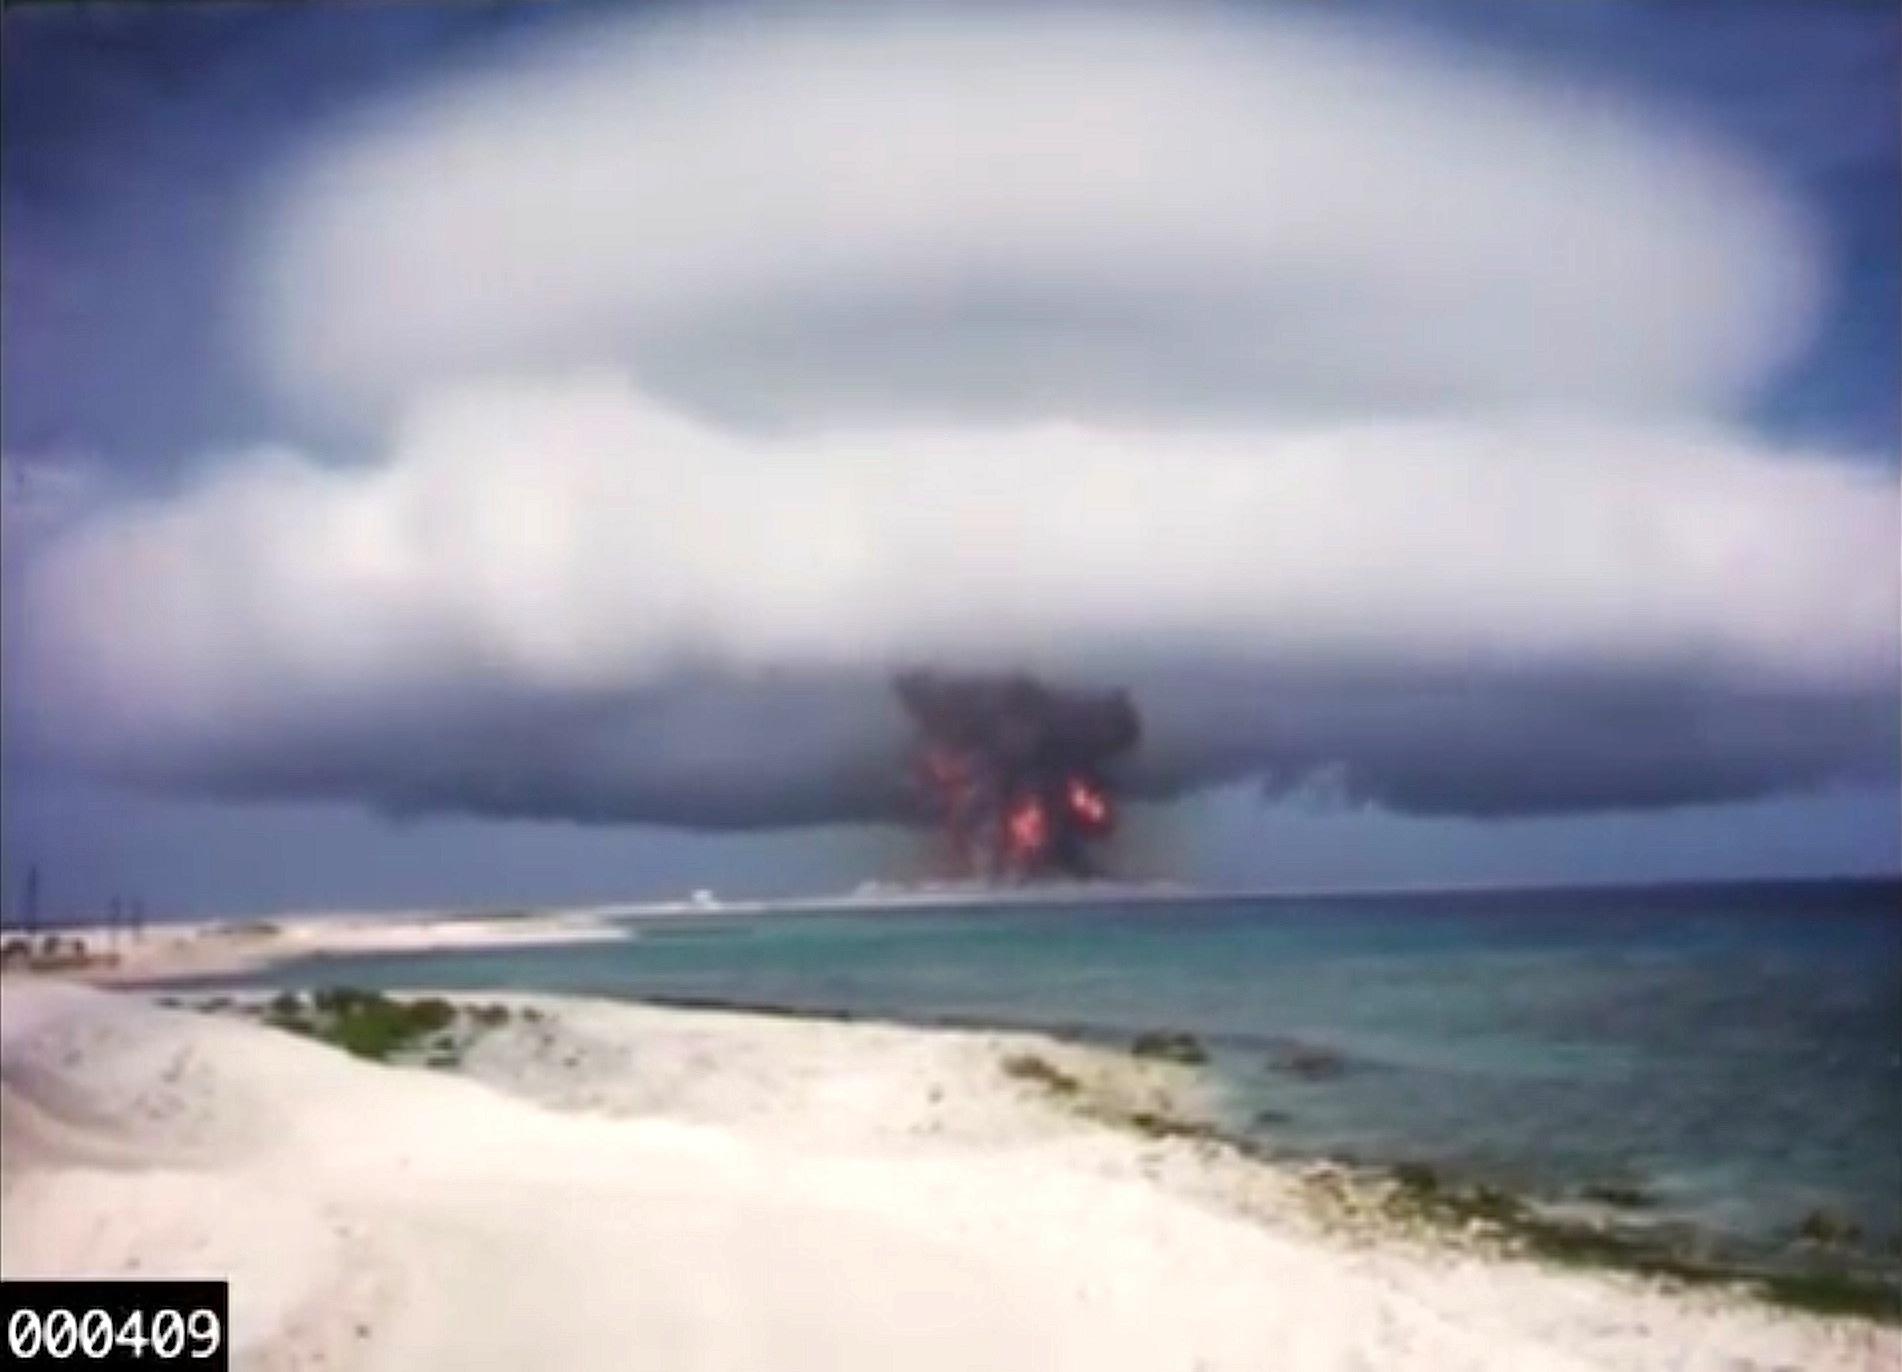 Atompilz auf einem Atoll: Diese Explosion haben die US-Forscher auf Youtube eingestellt.